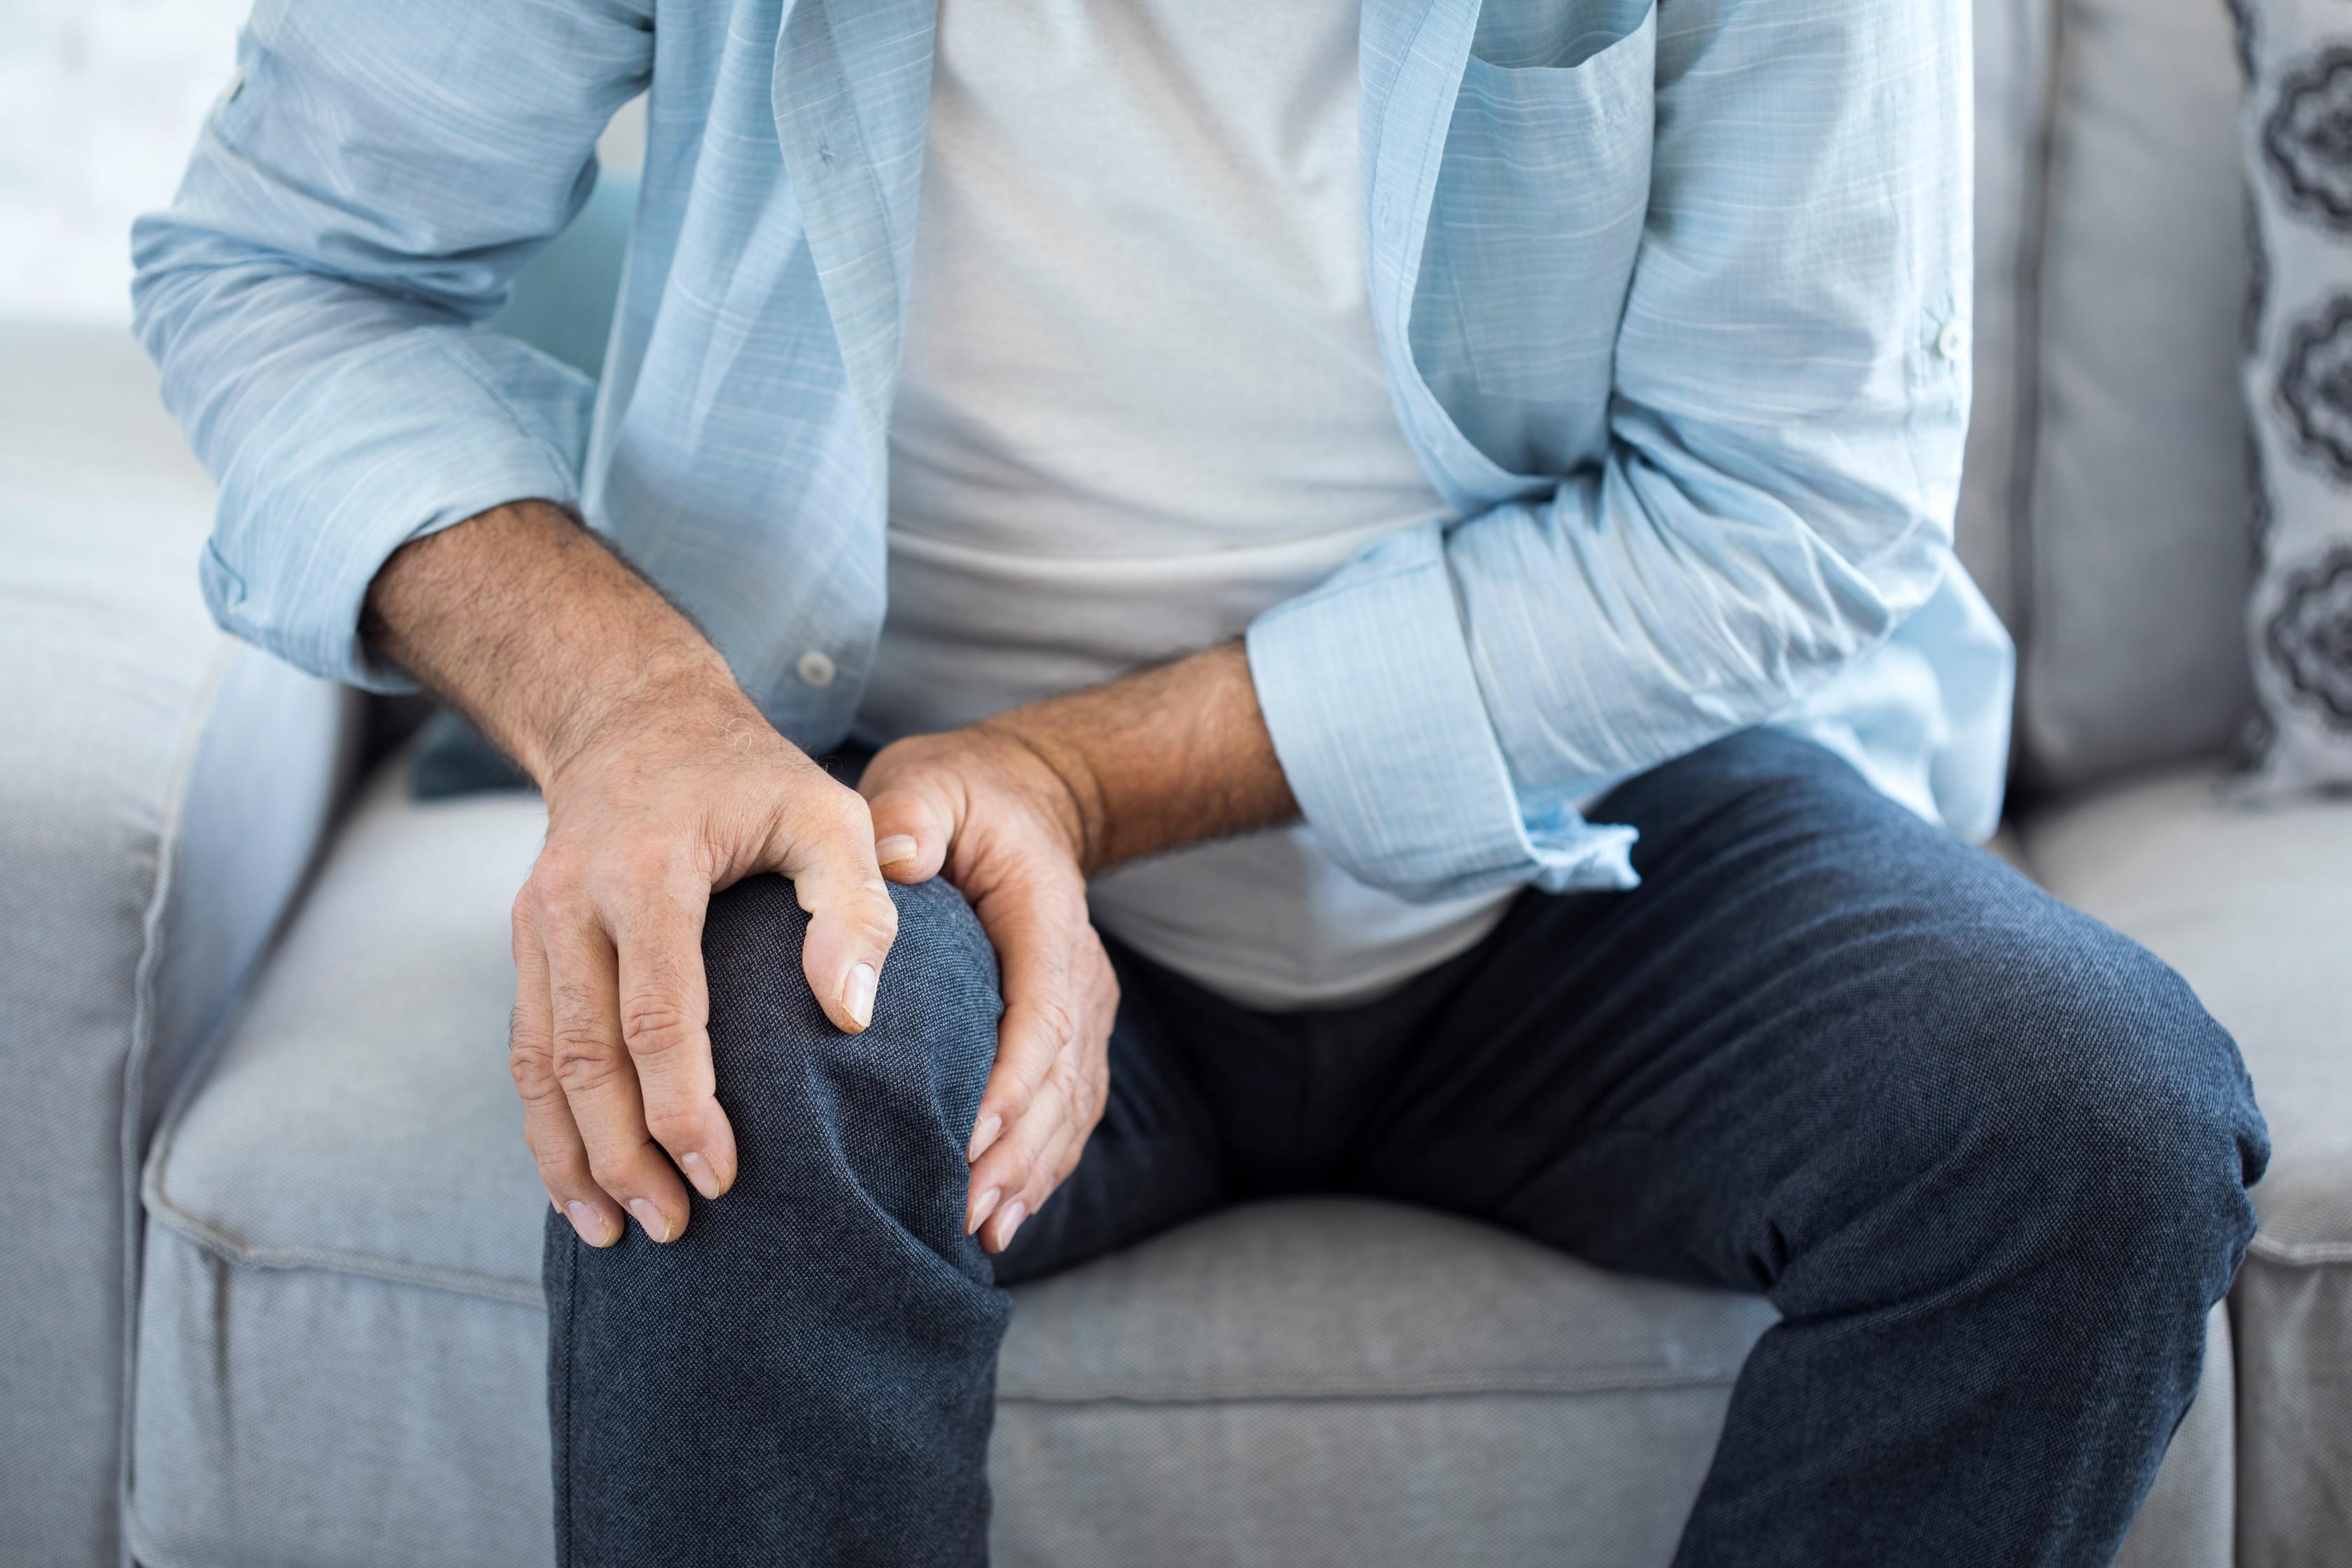 járási fájdalom az ízületek bal lábánál)